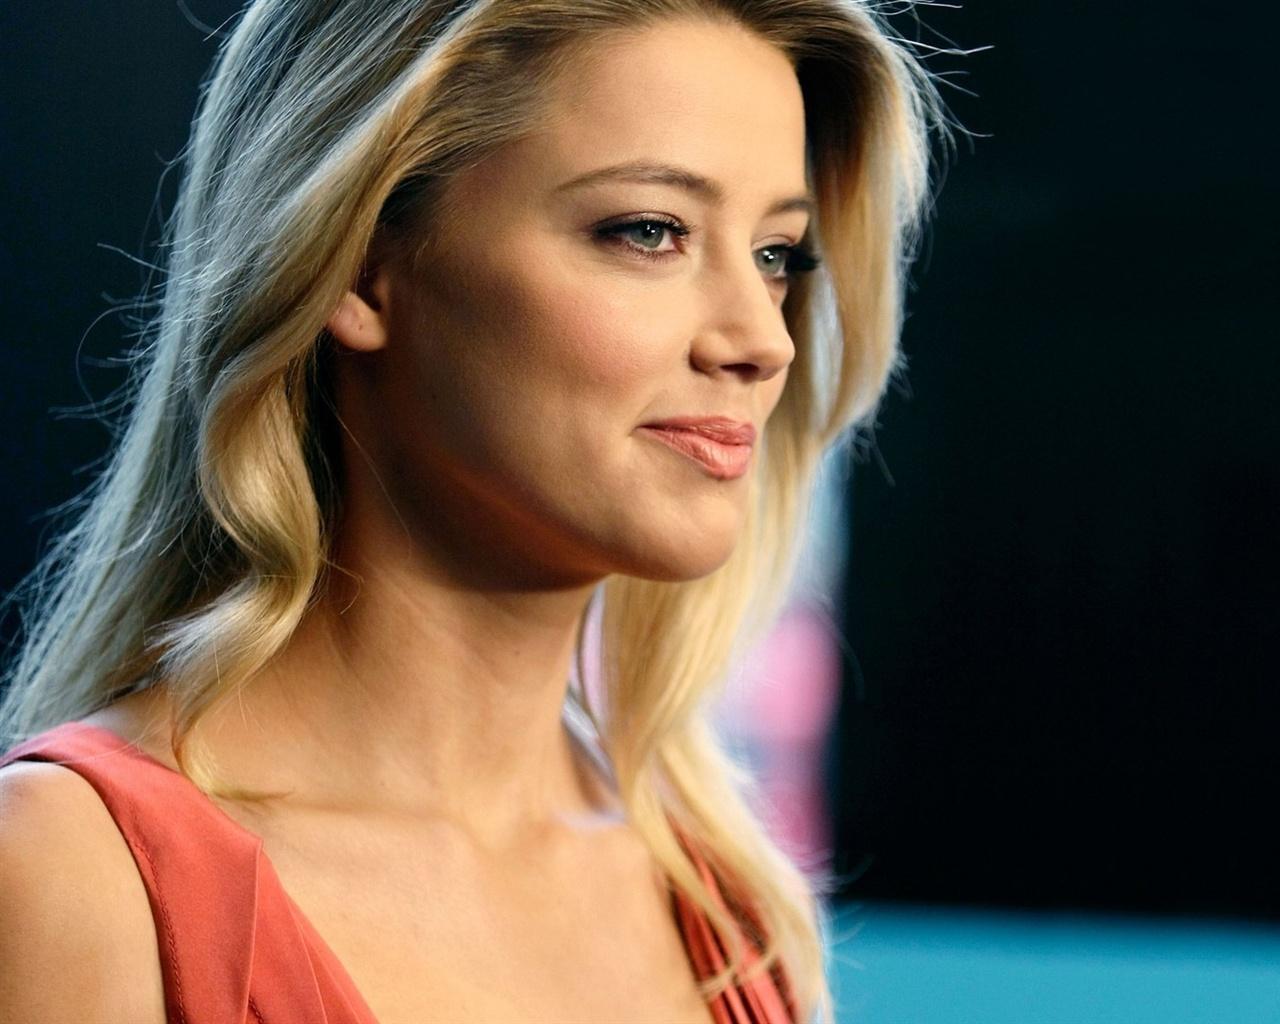 amber heard 07 fondos de pantalla 1280x1024 descripción amber heard ... Amber Heard